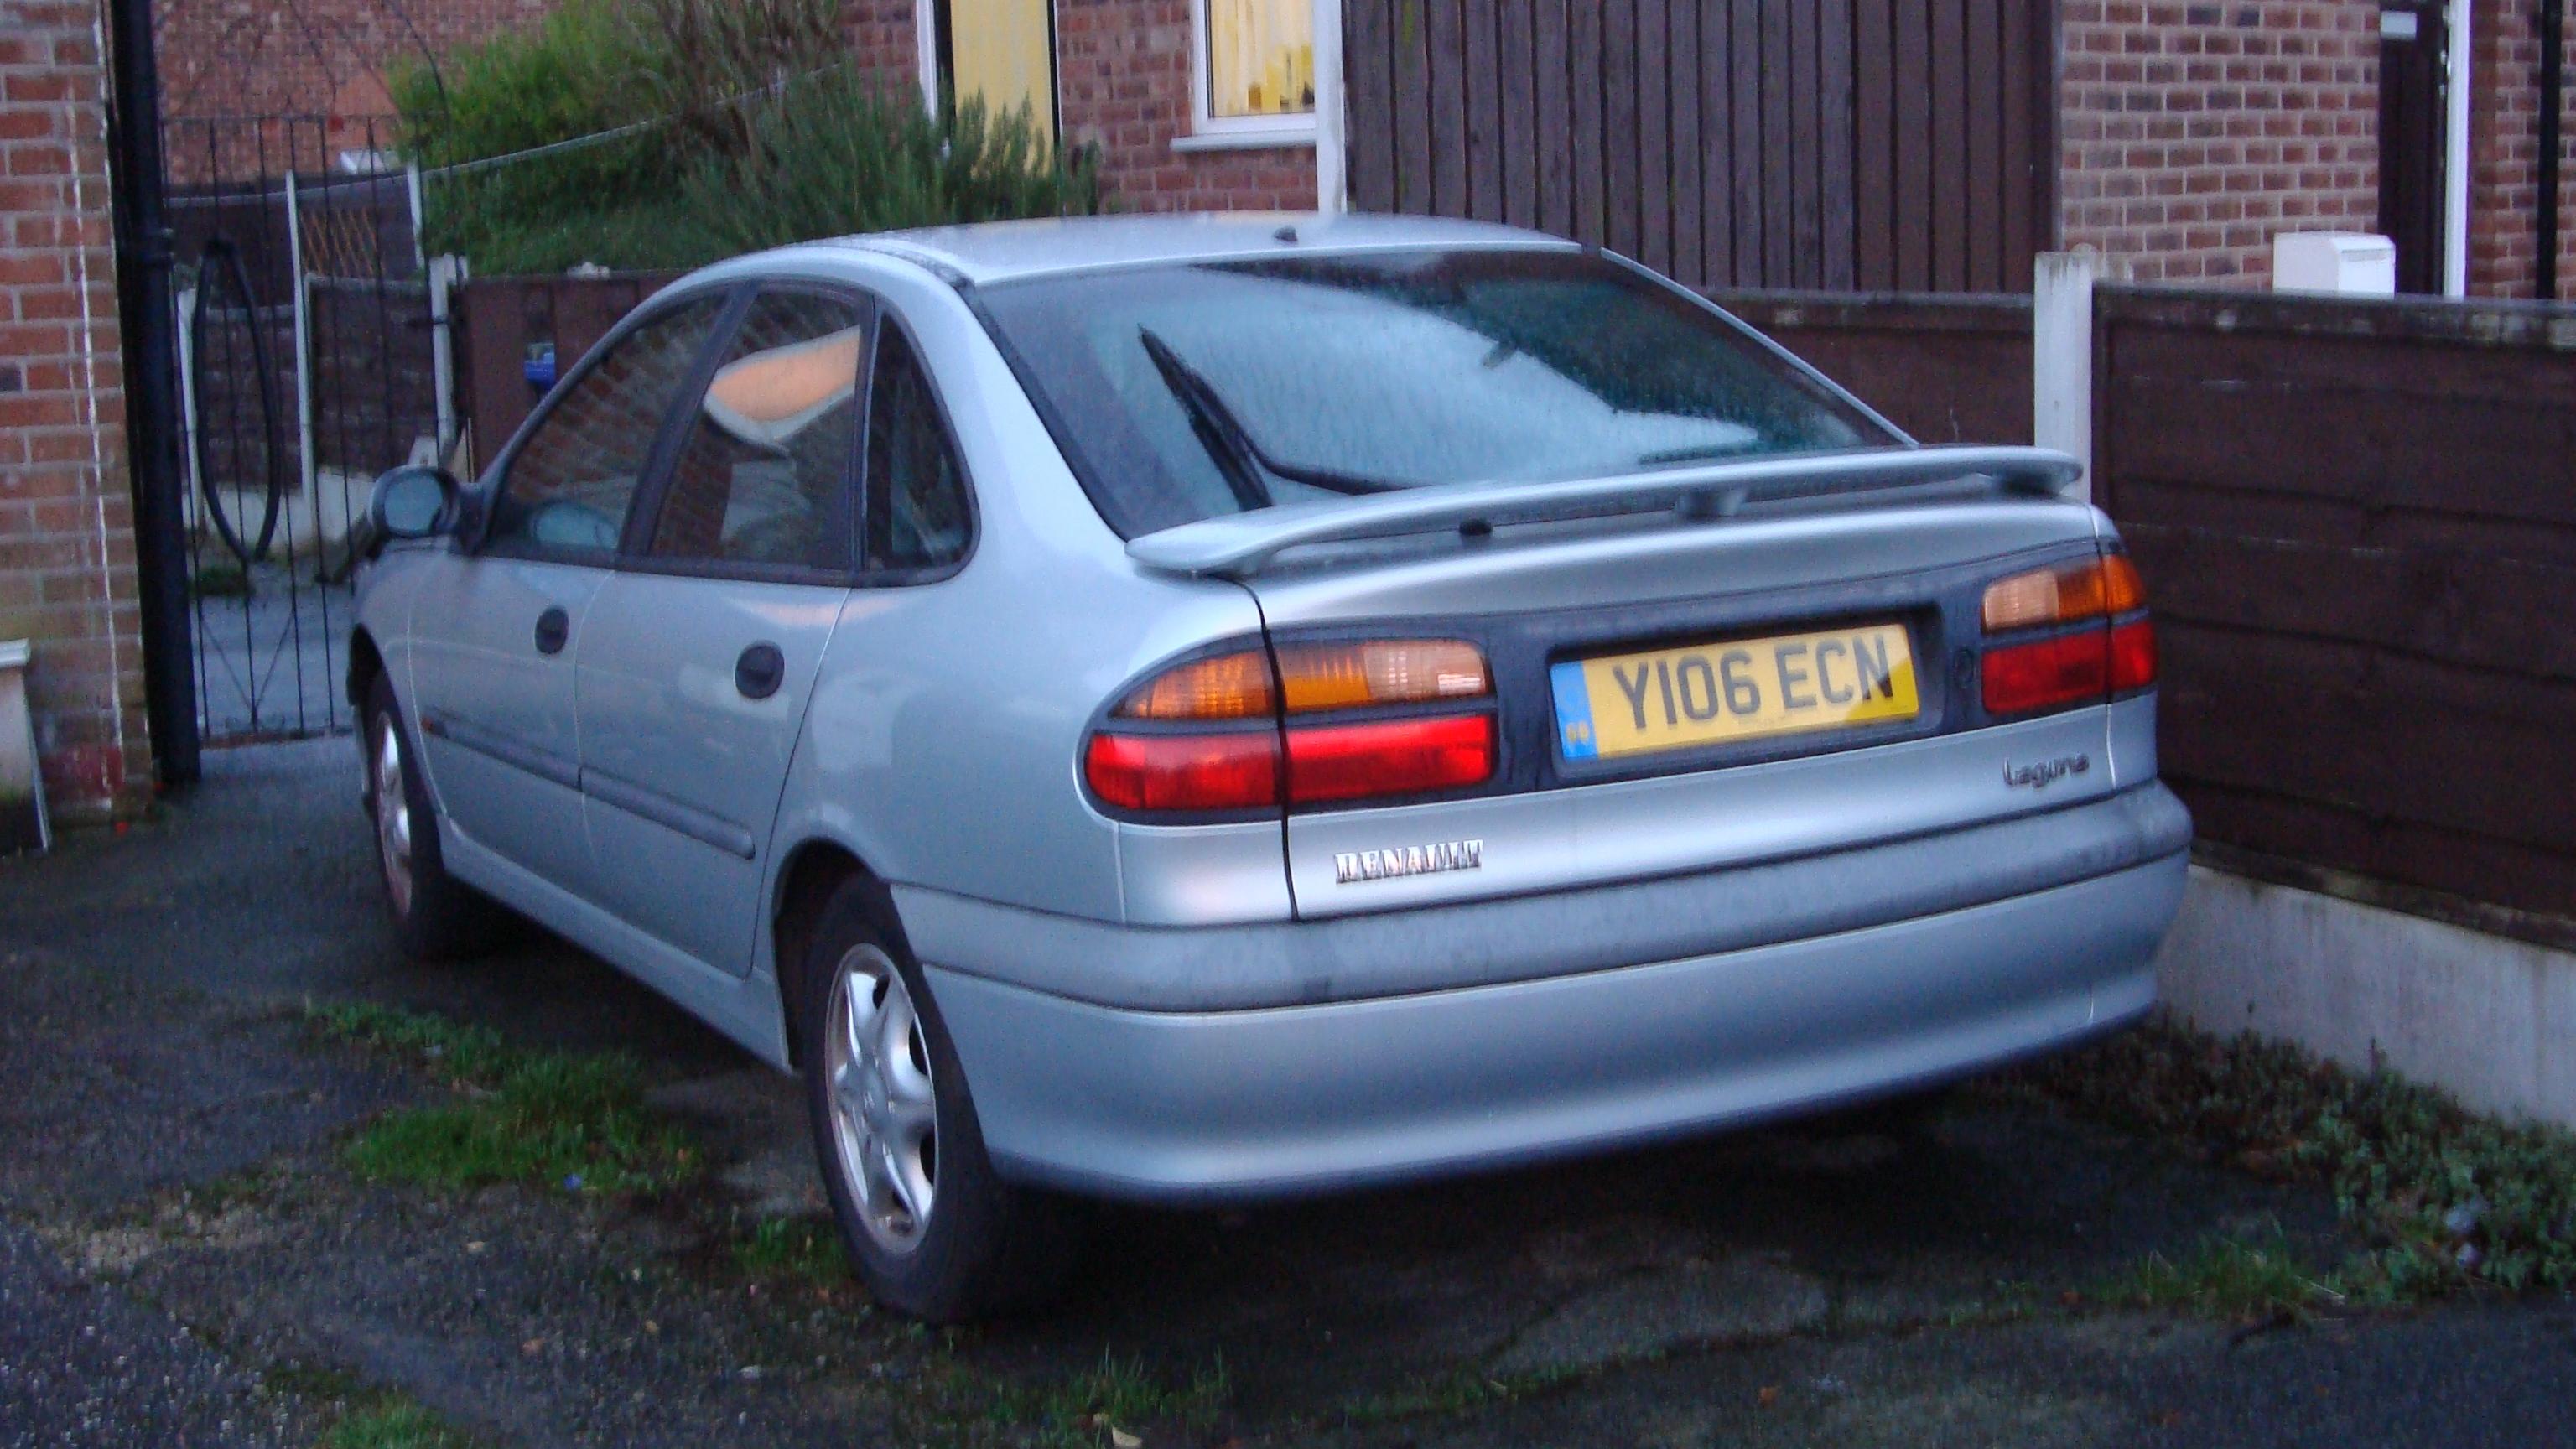 Laguna 2 2001 File:2001 Renault Laguna 2.0